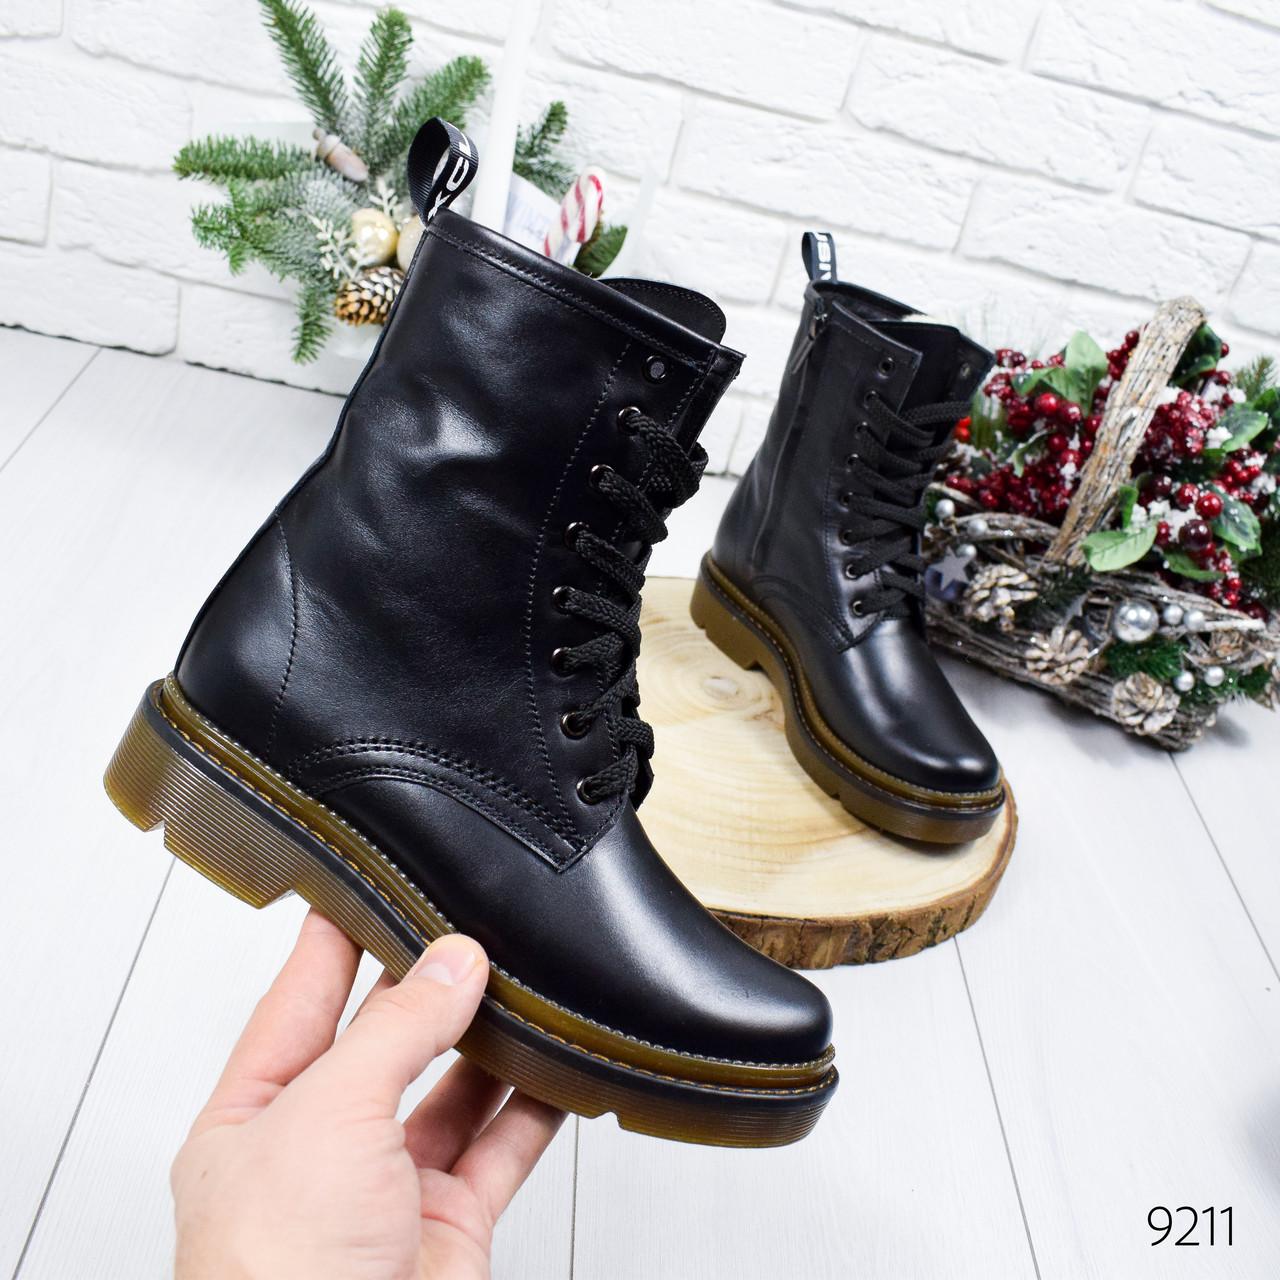 Ботинки женские Ferrow черные 9211